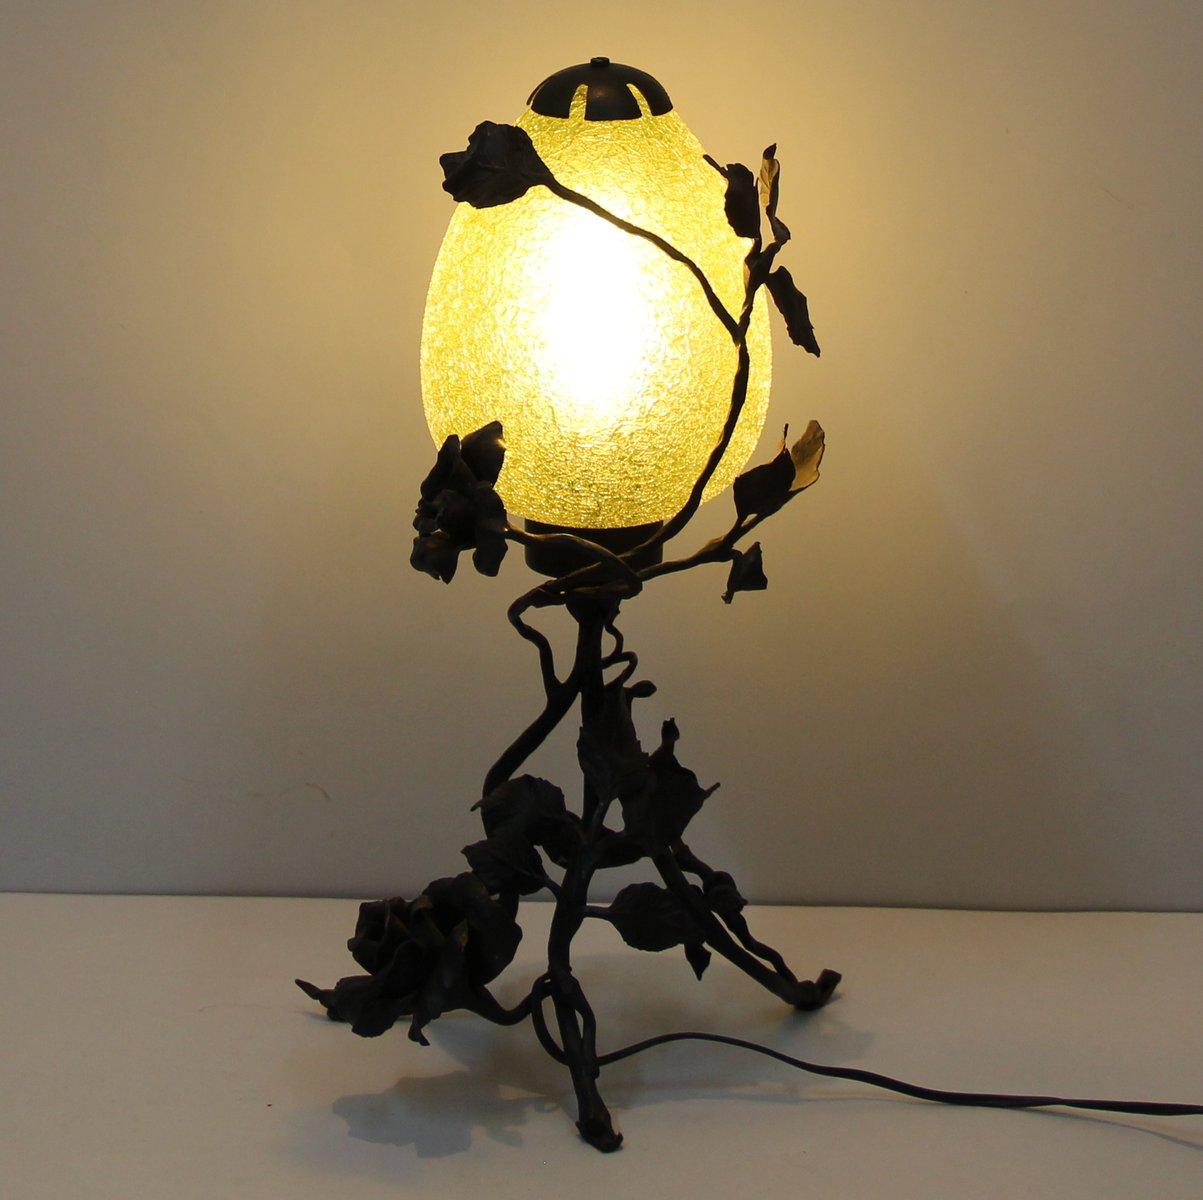 Antique Art Nouveau Lamp For Sale At Pamono